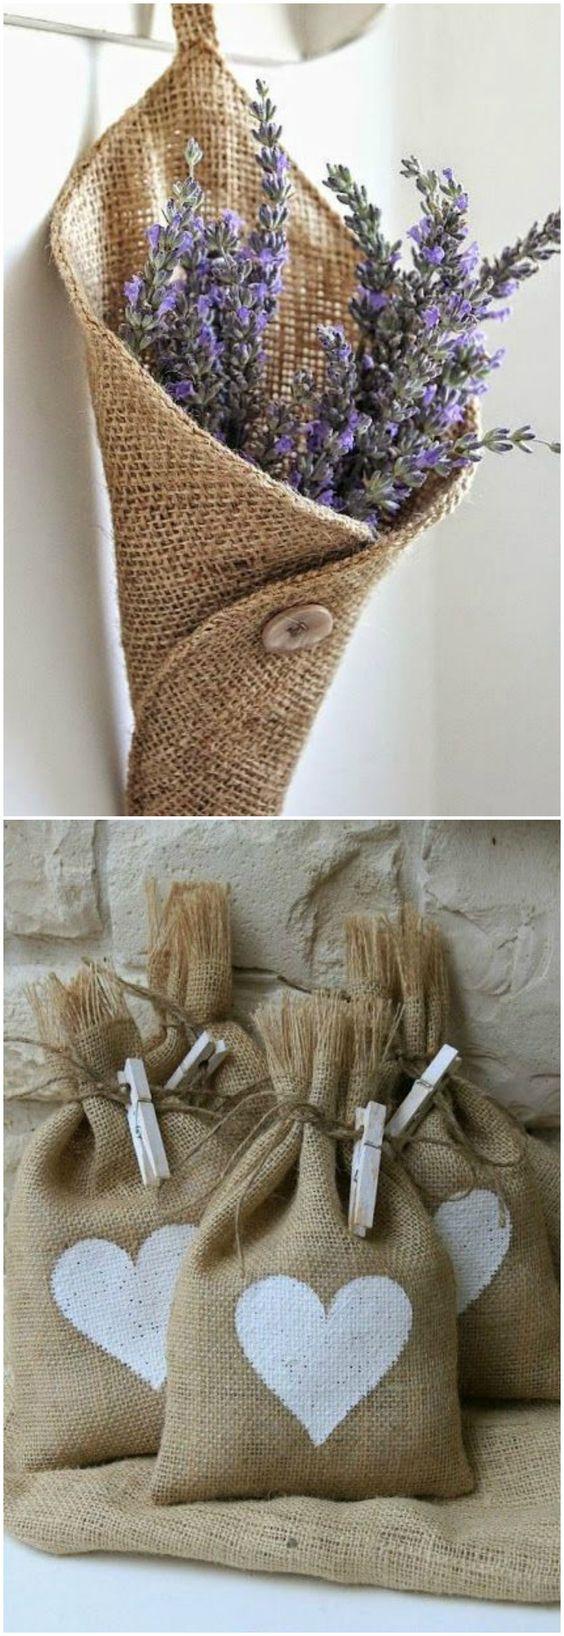 Los regalos eco se ven envueltos en tela de saco